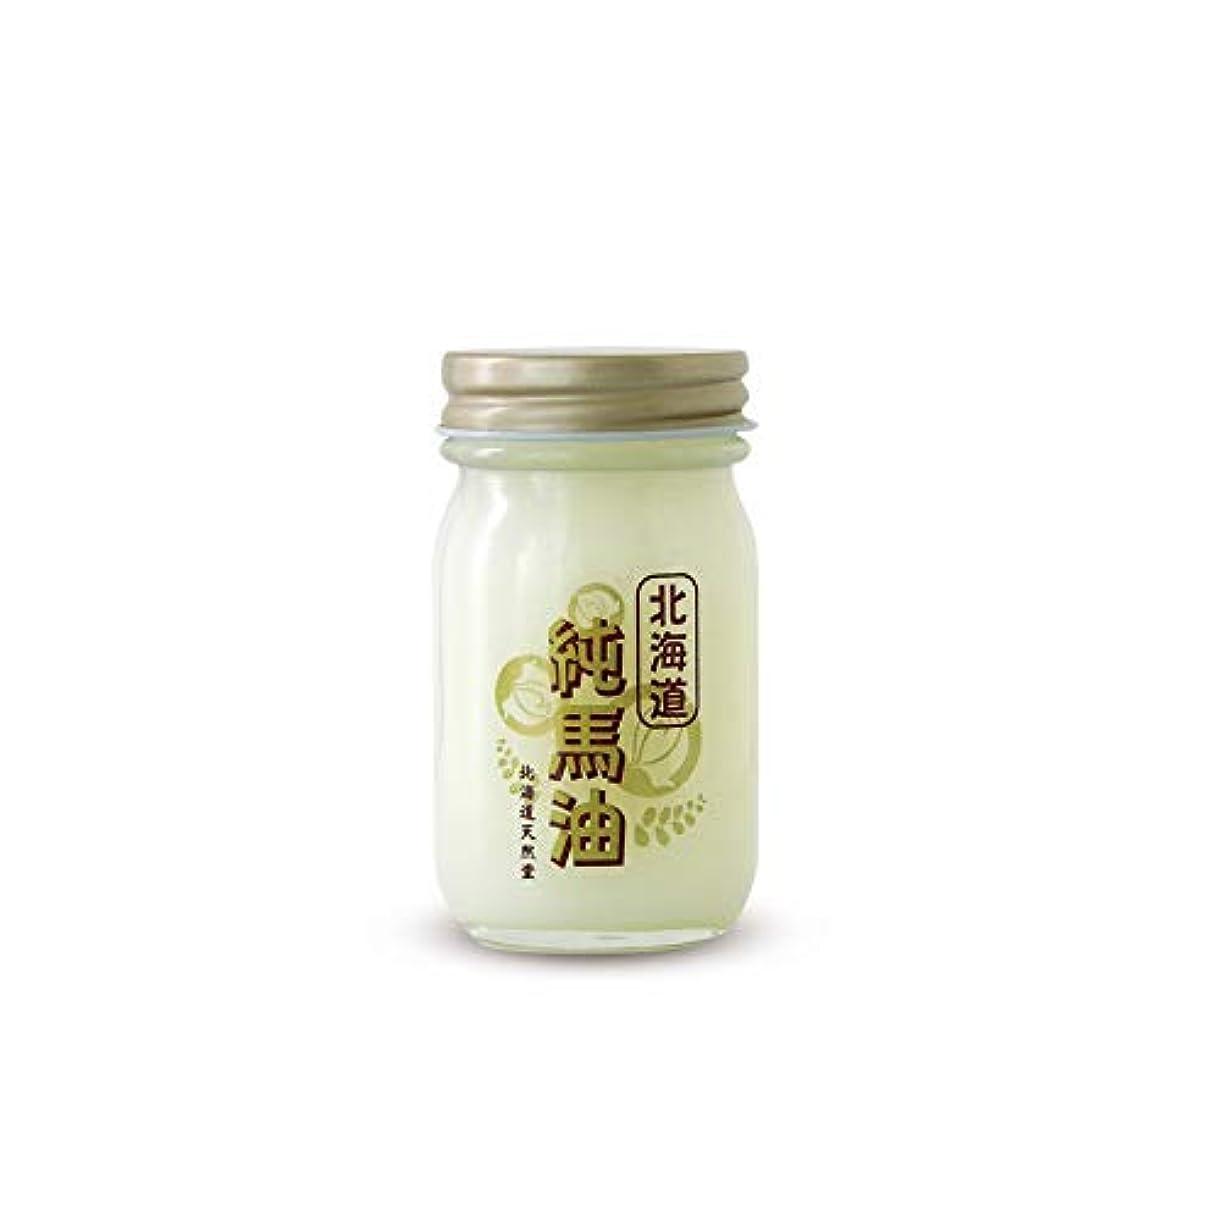 バット遠足細分化する純馬油 70ml 【国内限定】/ 北海道天然堂